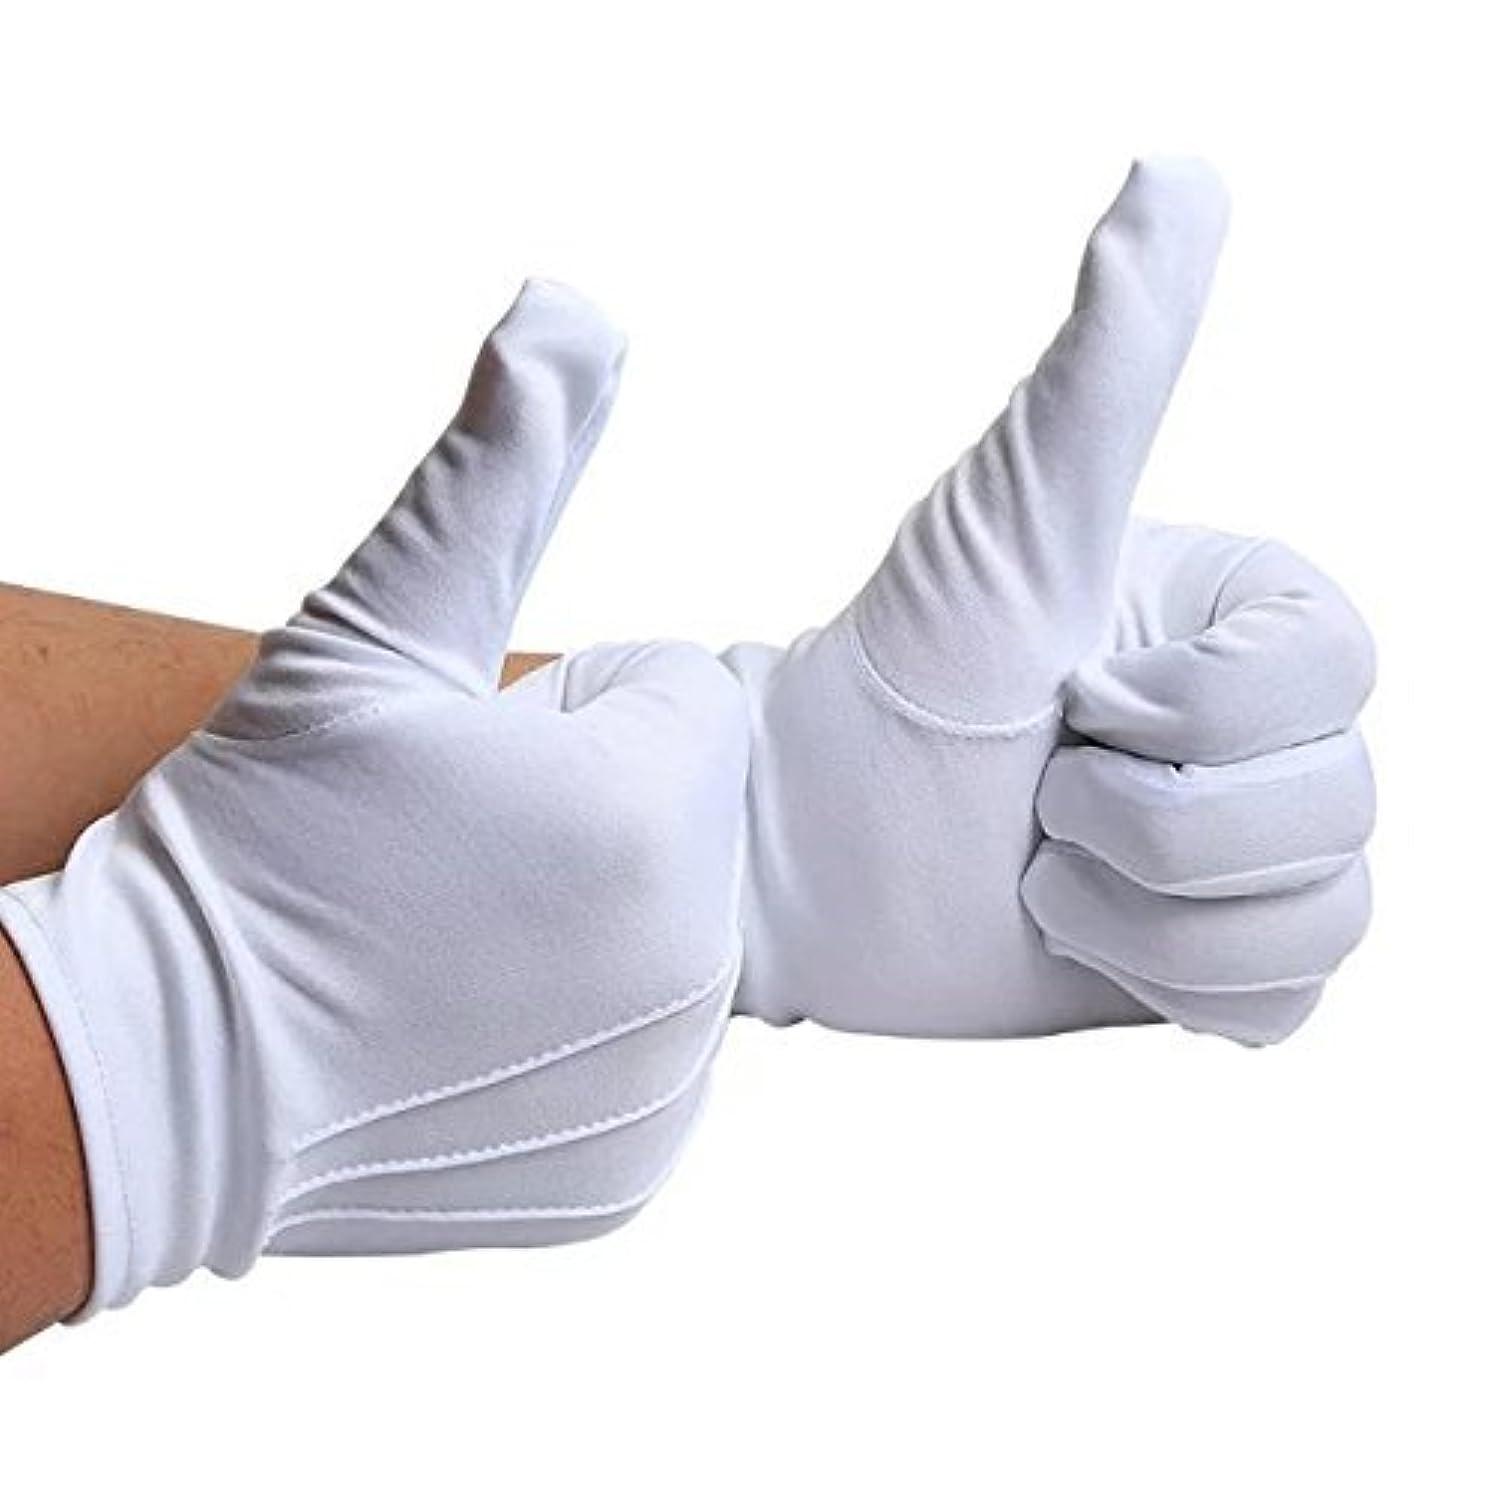 漁師ヒステリック動【10双組セット】 ナイロン 手袋 白 紳士 水洗い可 スリット無し